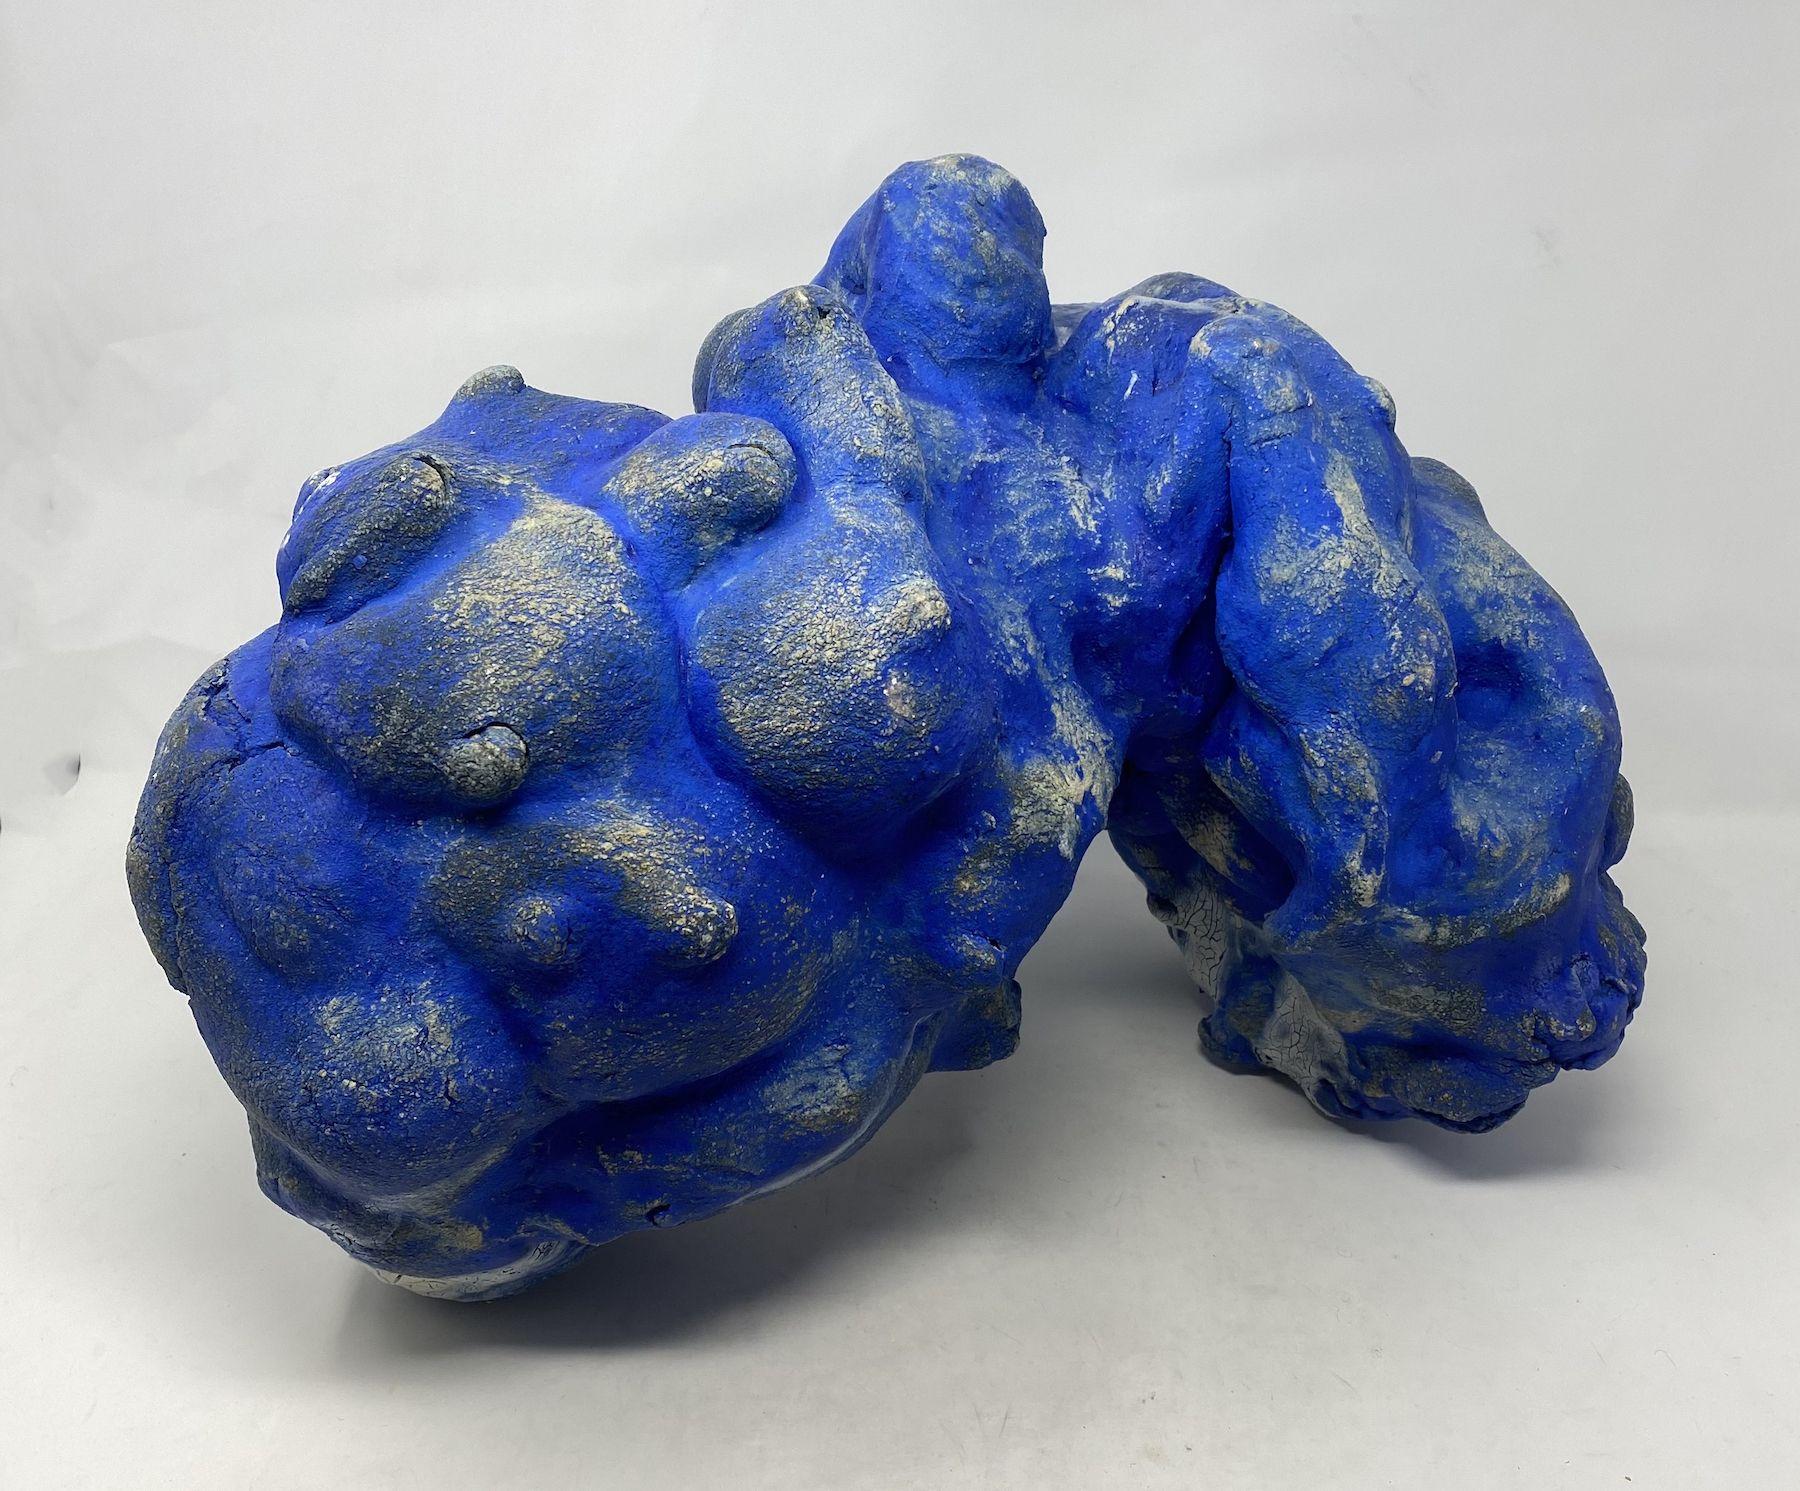 JENNY DAY, Untitled Blue 1, 2019